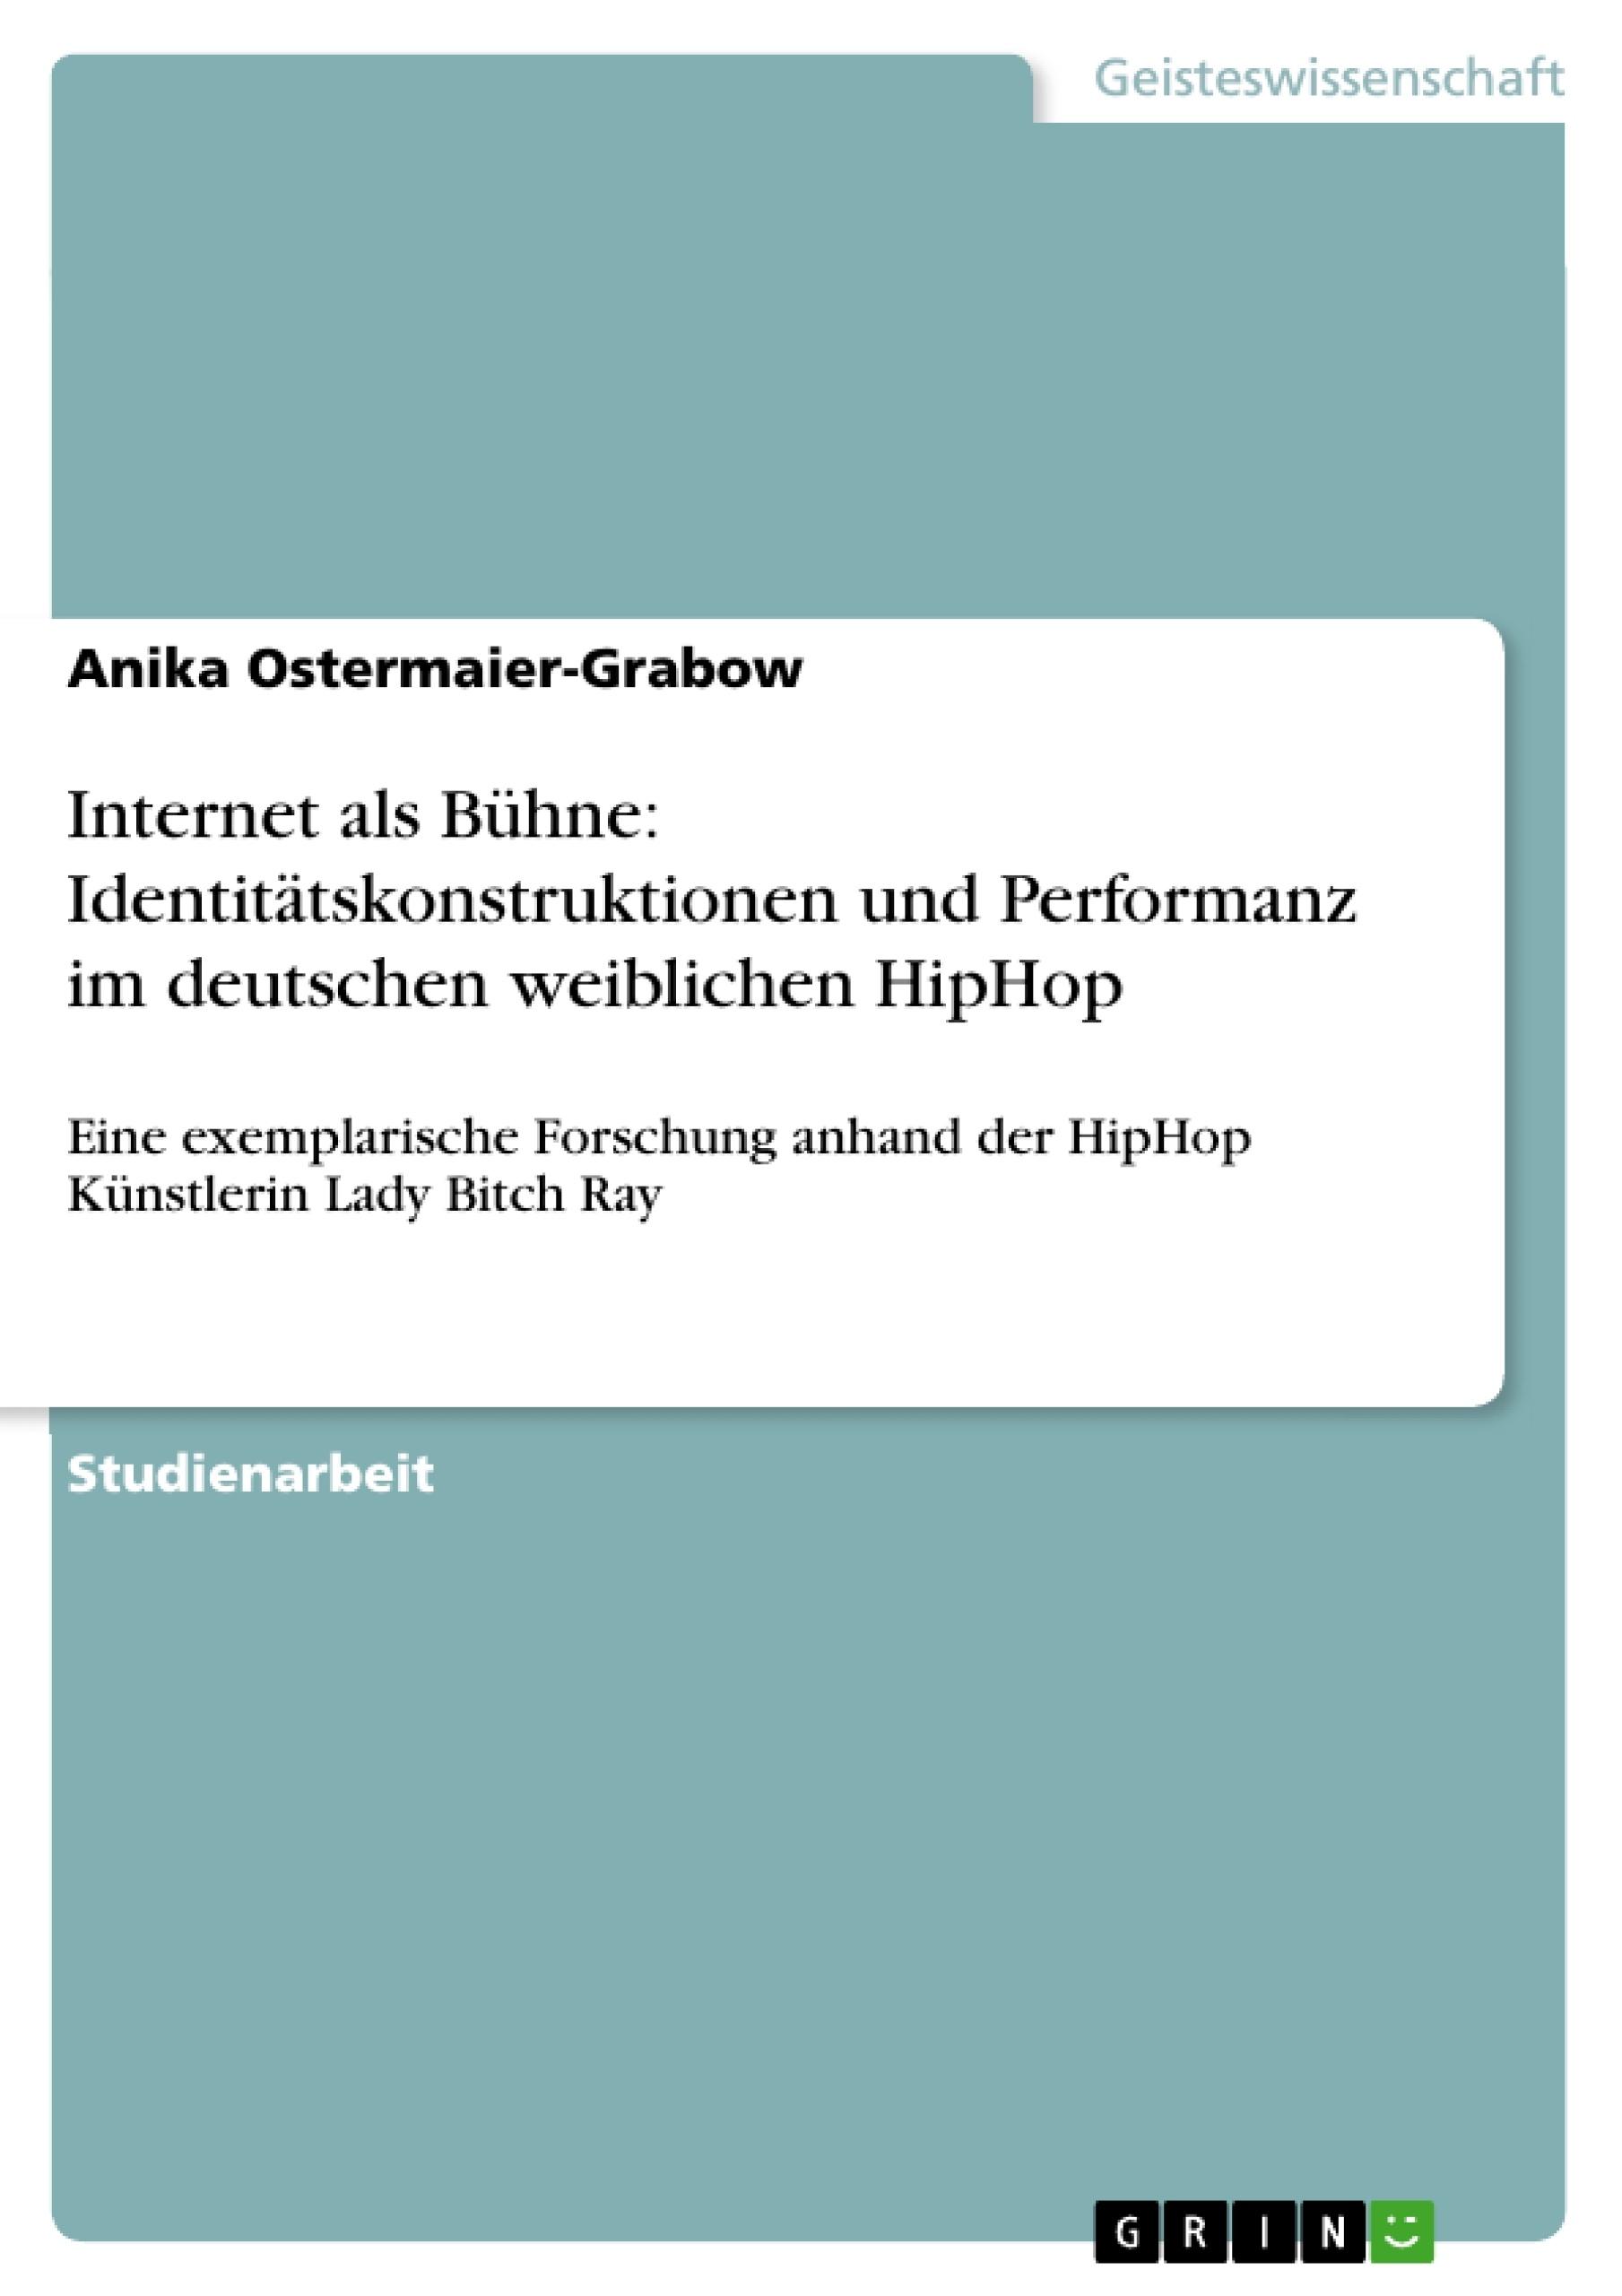 Titel: Internet als Bühne: Identitätskonstruktionen und Performanz im deutschen weiblichen HipHop